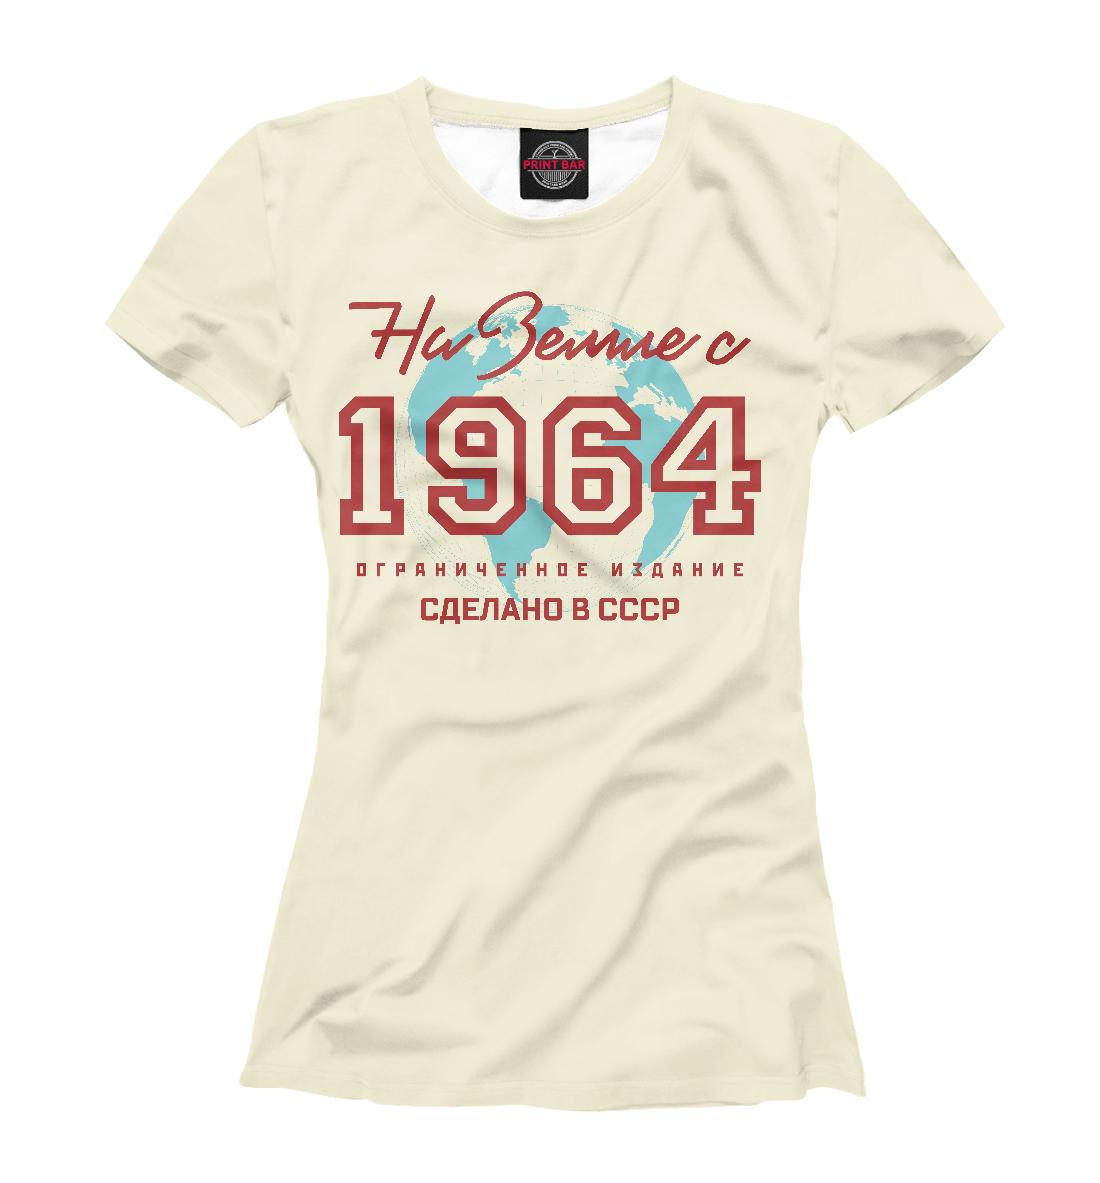 Купить На Земле с 1964, Printbar, Футболки, DHC-925753-fut-1